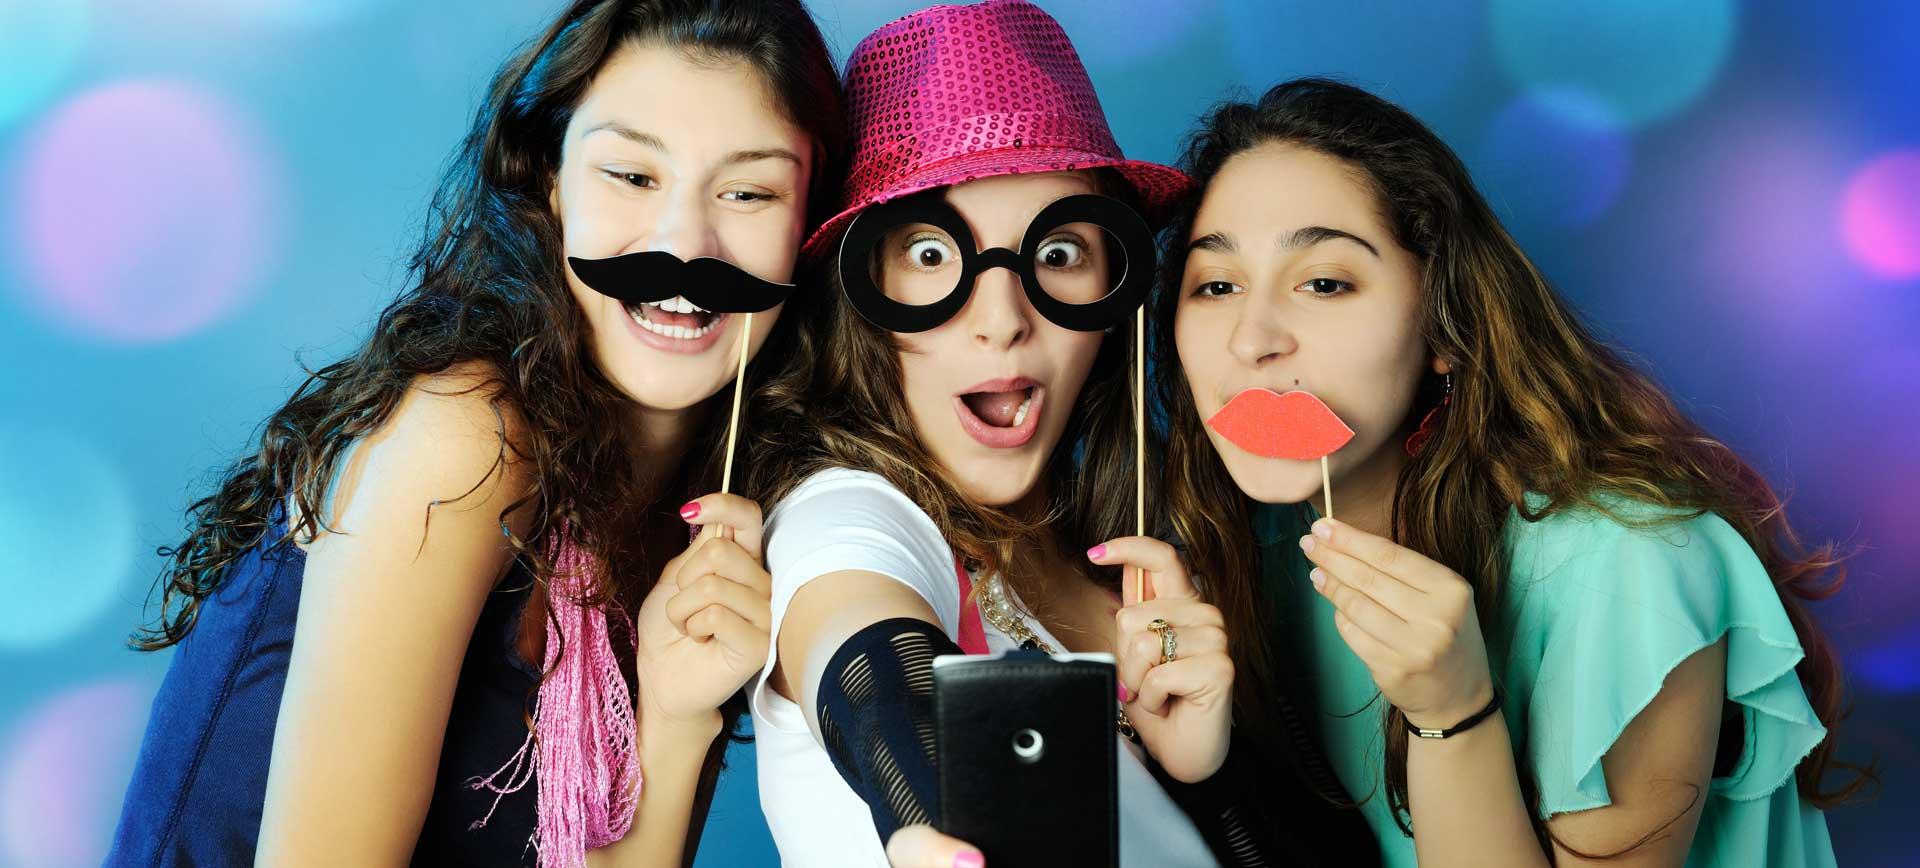 Lustiges Party-Video auf Geburtstagsfeier machen